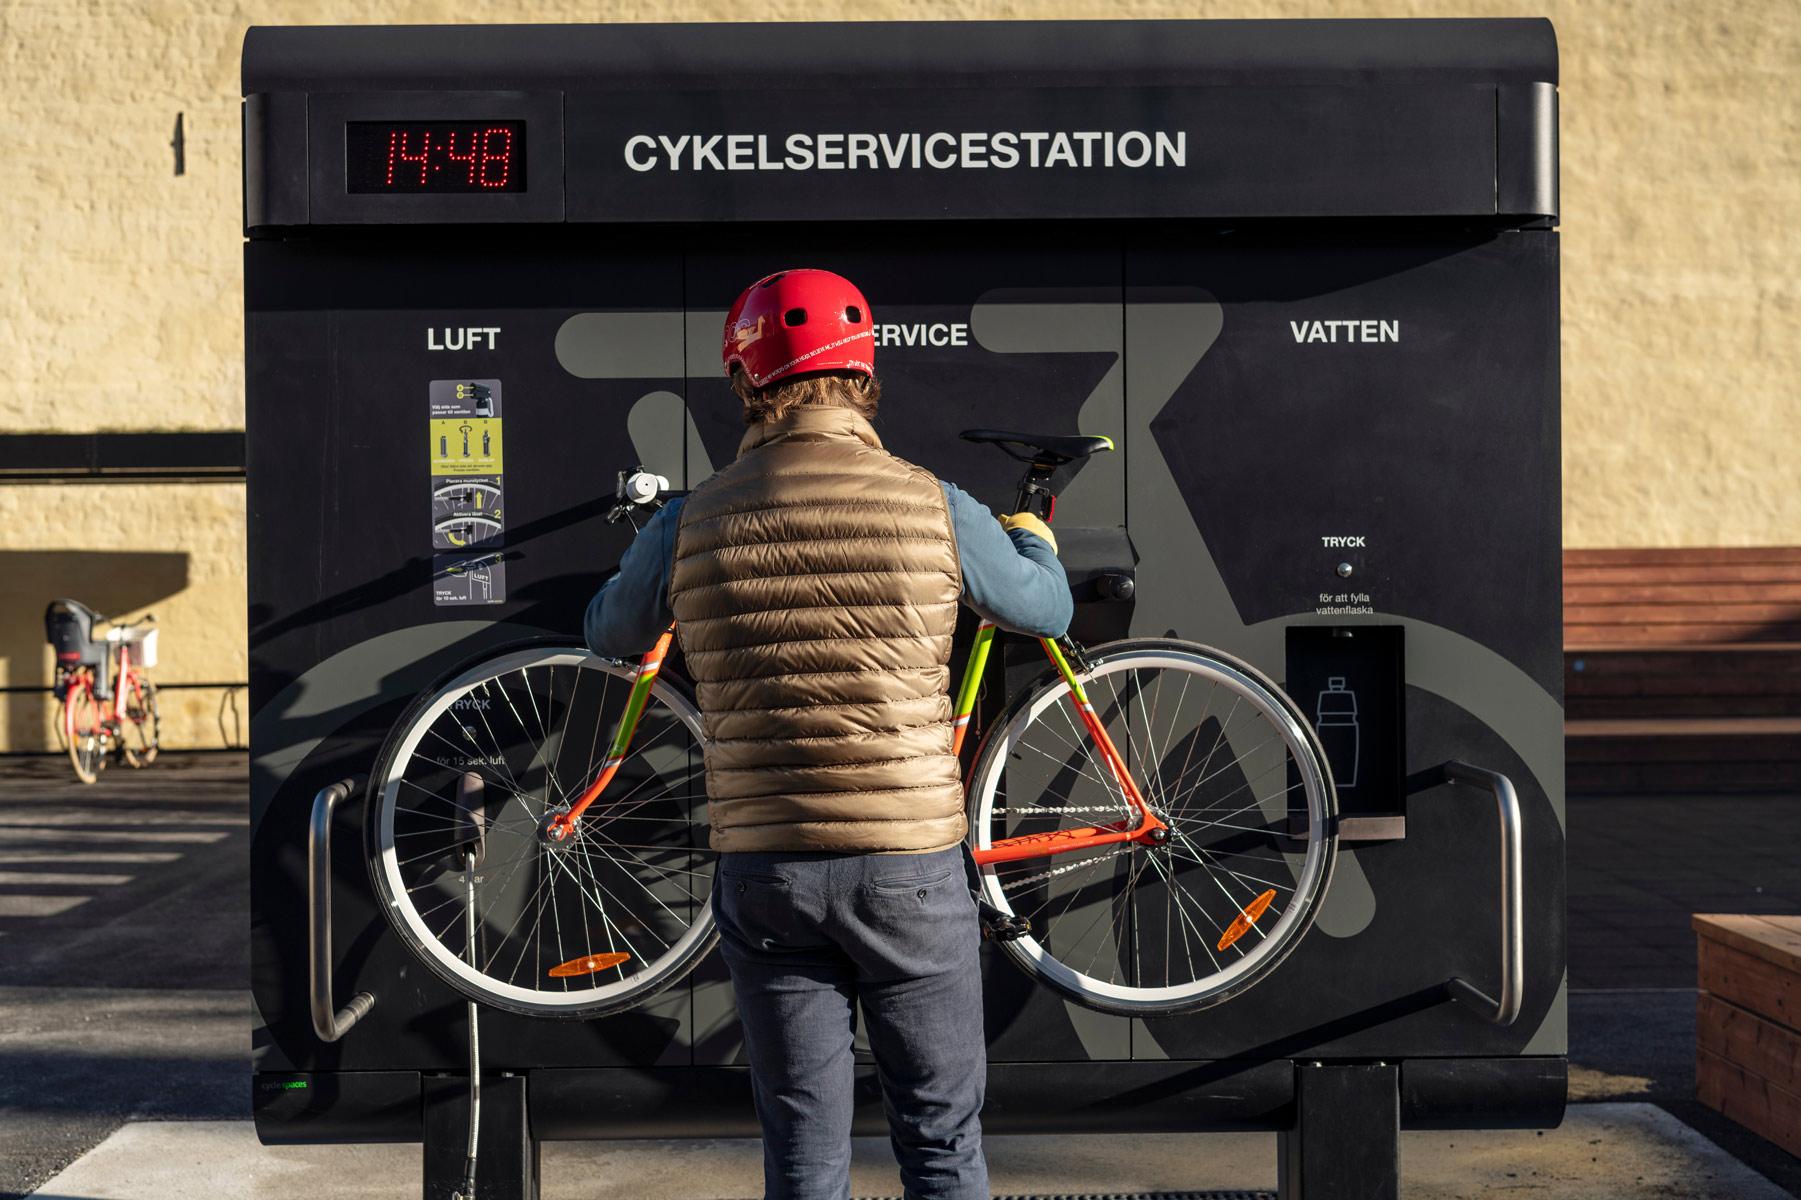 Cyklist hänger upp sin cykel på en cykelservicestation från Cyklos